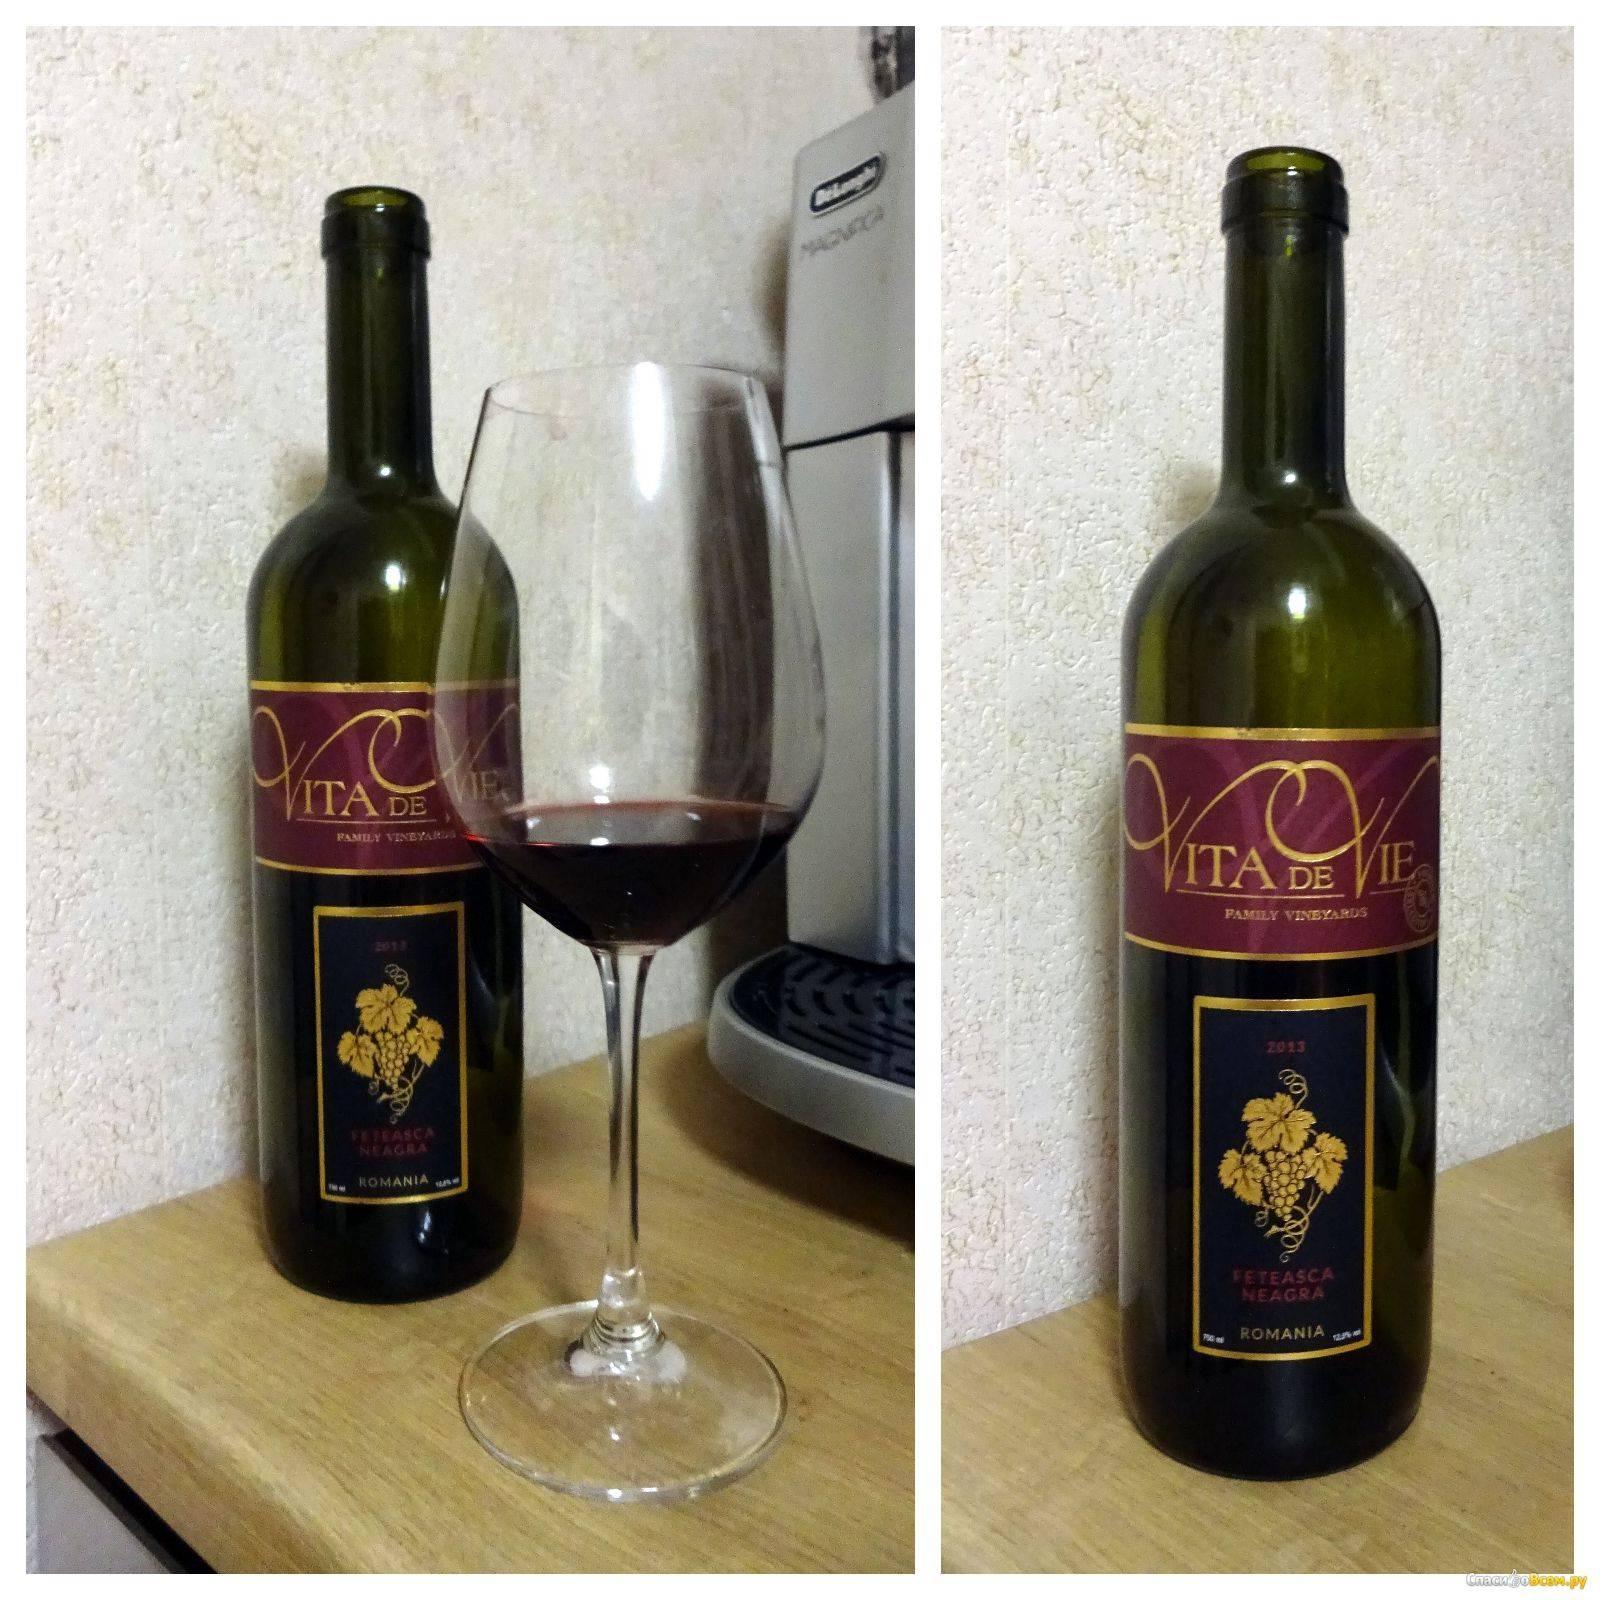 Лучшие российские вина стоимостью до 500 рублей